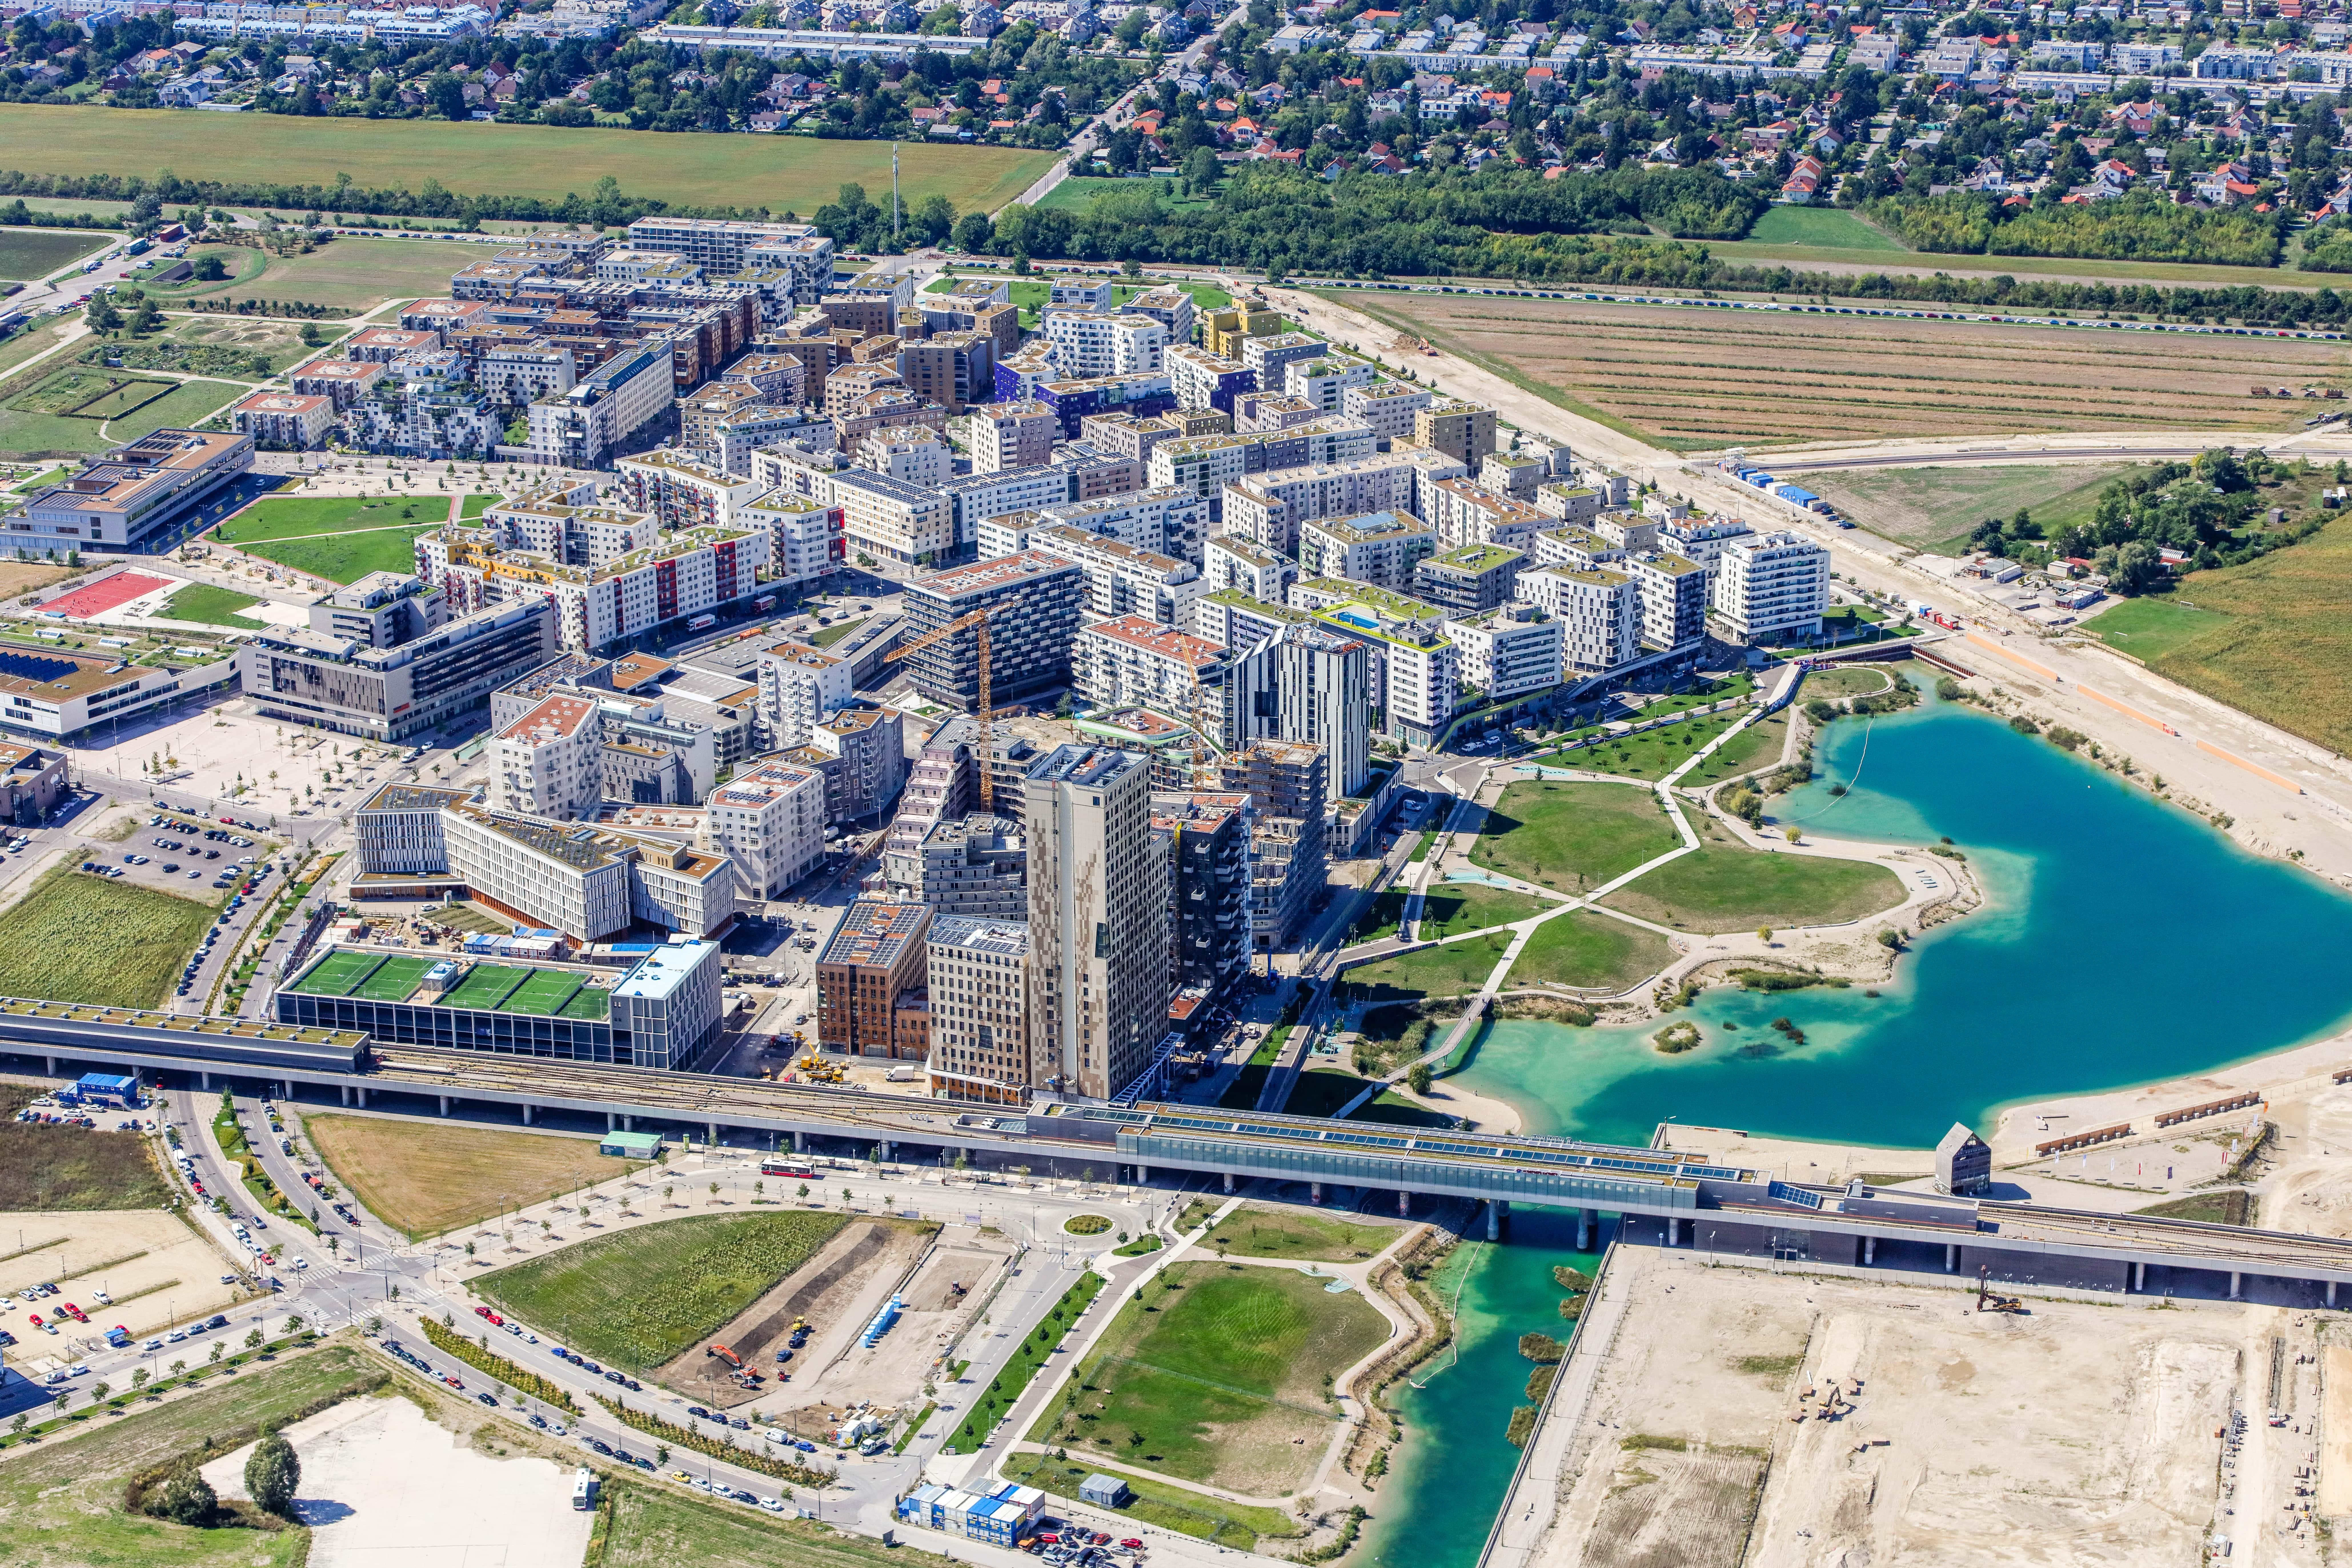 Luftaufnahme der Seestadt-Aspern.